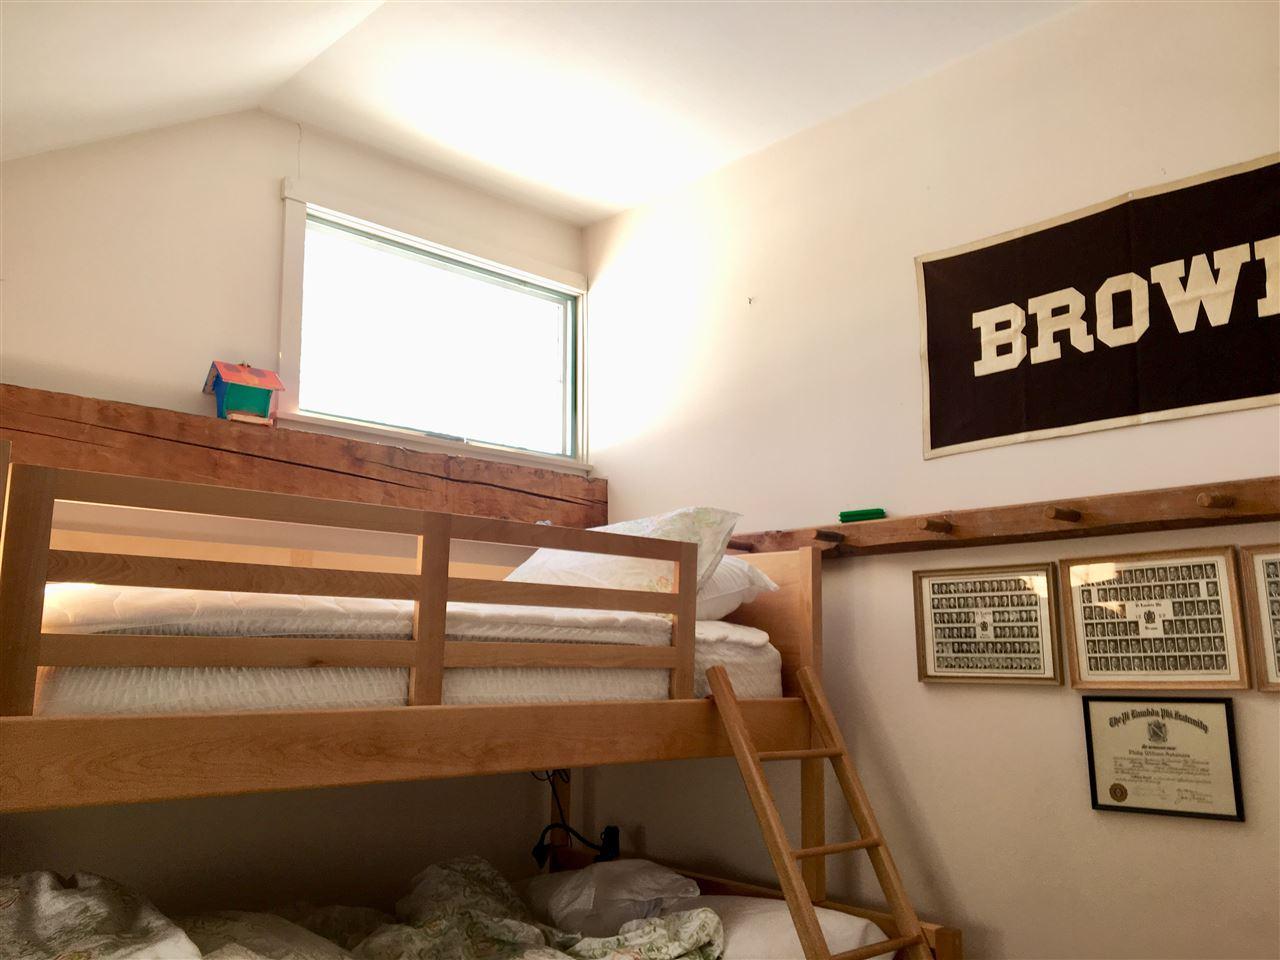 Upstairs Bedroom, High Ceilings